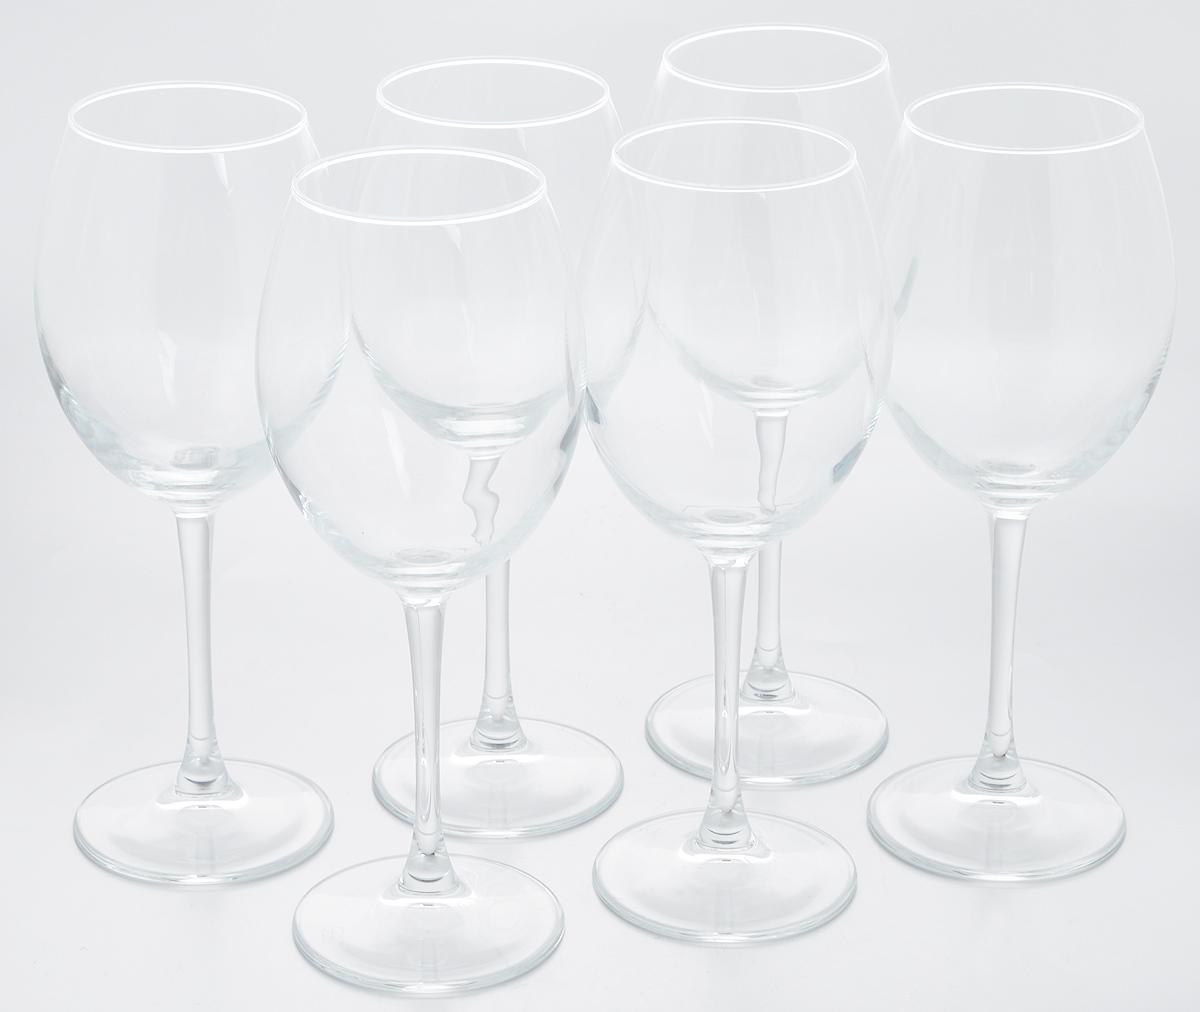 Набор бокалов для красного вина Pasabahce Enoteca, 550 мл, 6 шт44228BНабор Pasabahce Enoteca состоит из шести бокалов, выполненных из прочного натрий-кальций-силикатного стекла. Изделия оснащены высокими ножками. Бокалы предназначены для подачи красного вина. Они сочетают в себе элегантный дизайн и функциональность. Набор бокалов Pasabahce Enoteca прекрасно оформит праздничный стол и создаст приятную атмосферу за романтическим ужином. Такой набор также станет хорошим подарком к любому случаю. Можно мыть в посудомоечной машине. Диаметр бокала (по верхнему краю): 7 см. Высота бокала: 23,5 см.